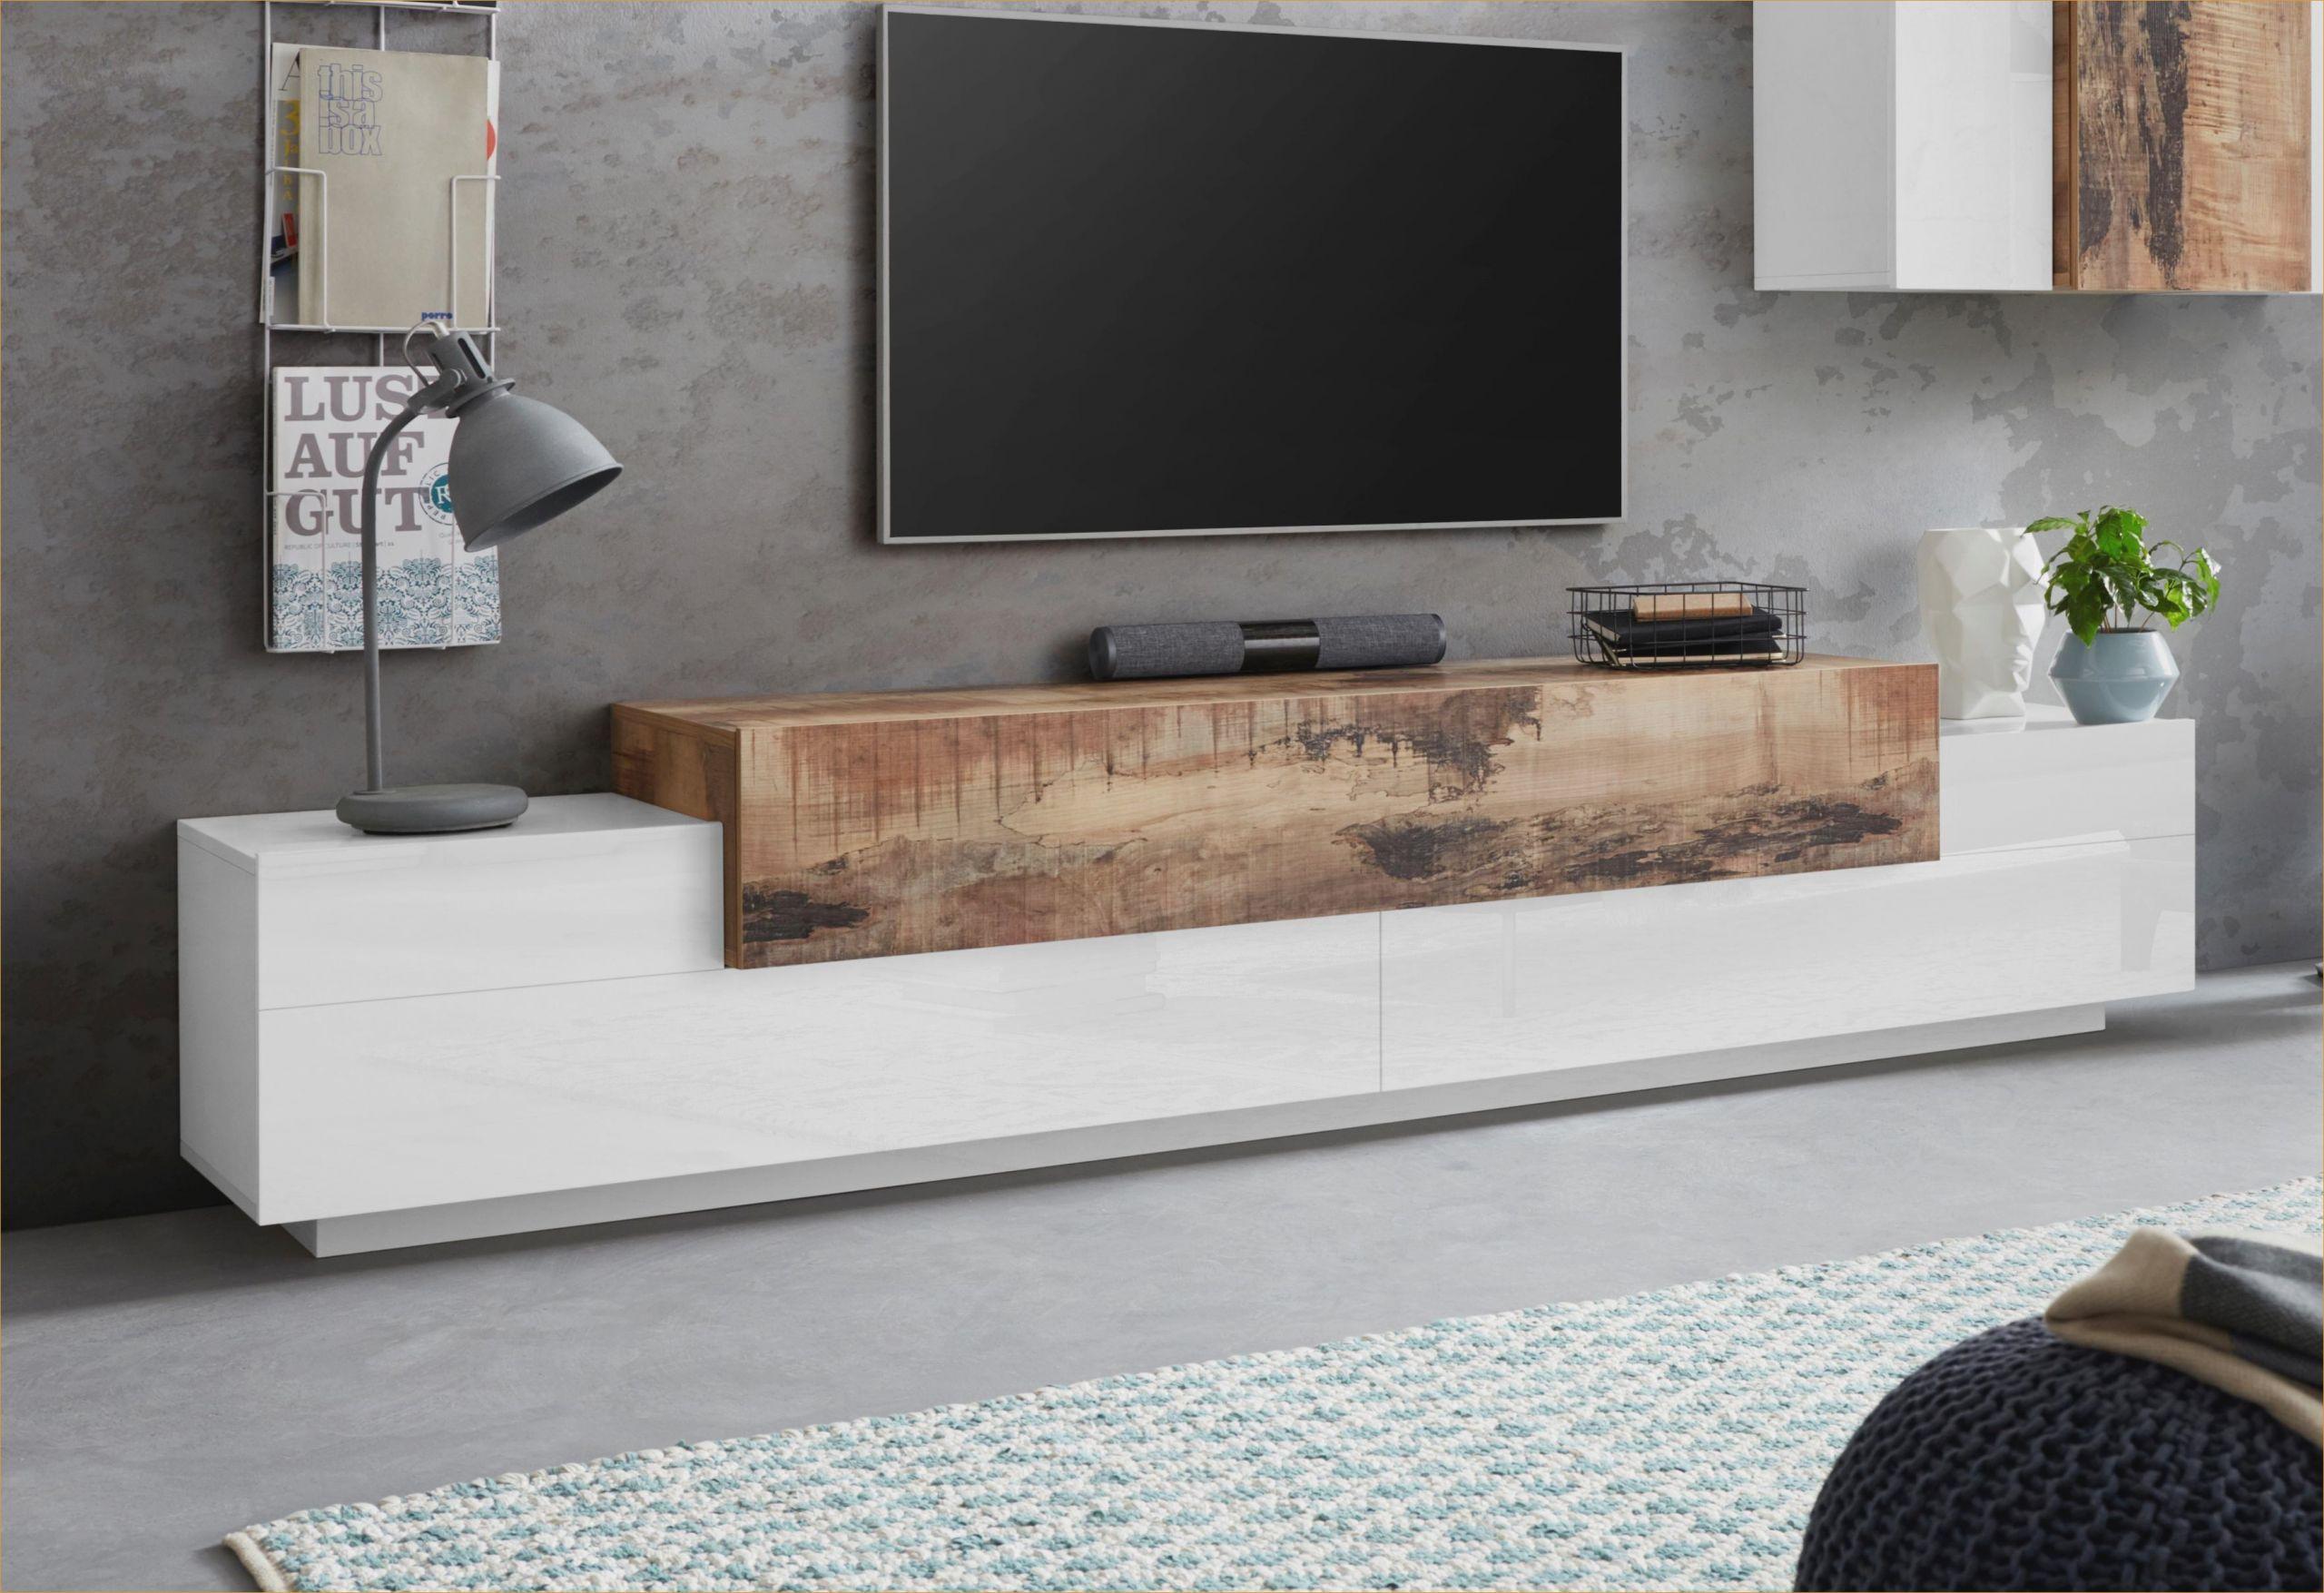 15 Lebhaft Fotos Von Tecnos Tv Lowboard In 2020 Wohnzimmer Design Lowboard Tv Mobel Modern